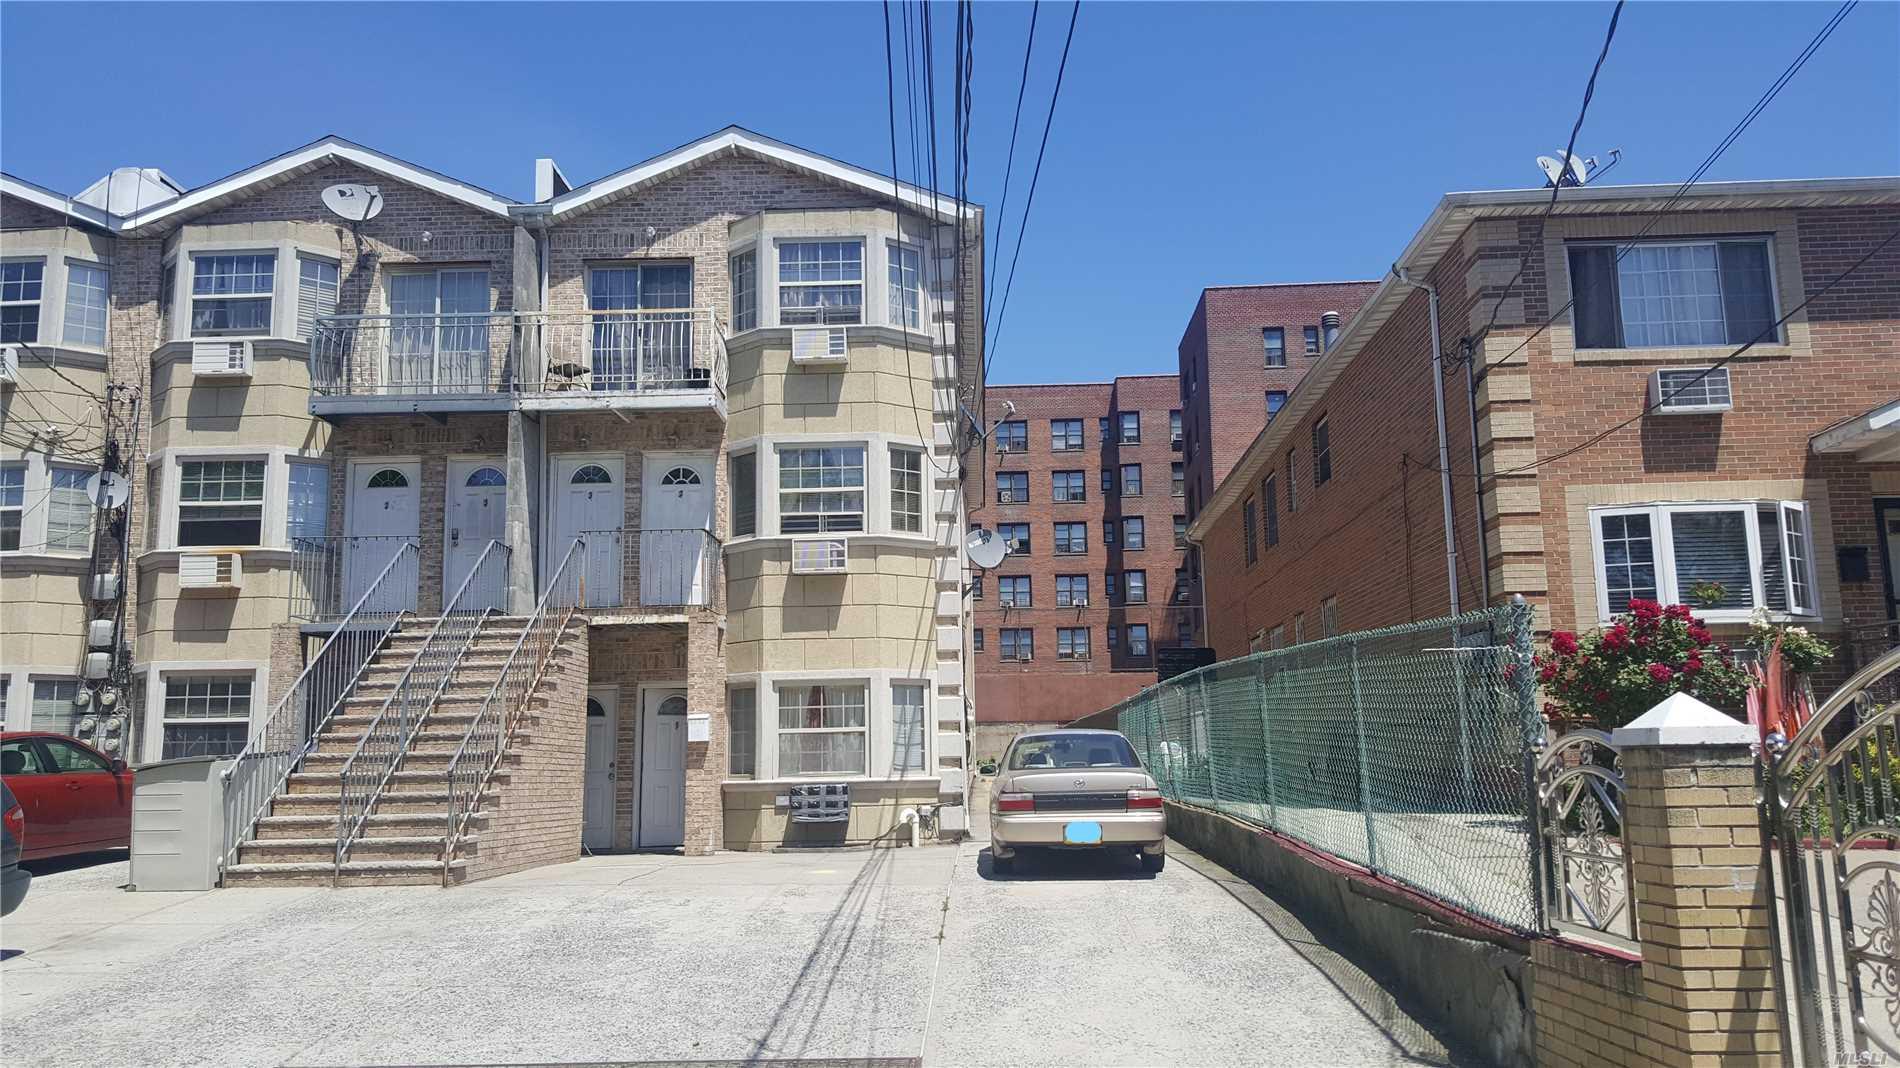 92-21 190 Street Hollis, NY 11423